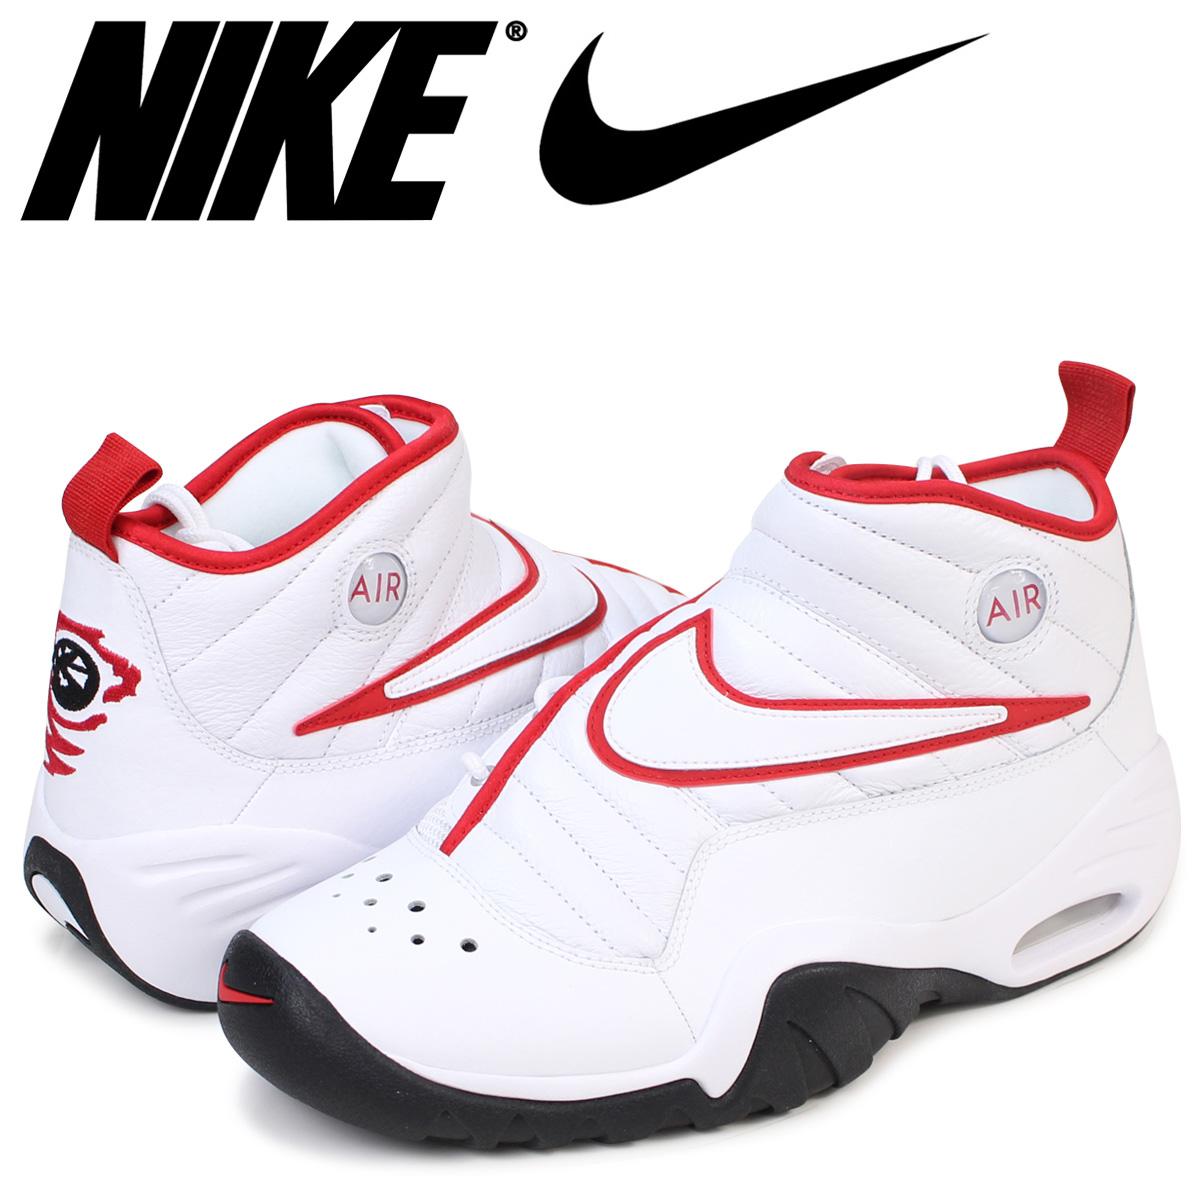 ナイキ NIKE エアシェイク スニーカー AIR SHAKE NDESTRUKT エア シェイク インデストラクト 880869-100 メンズ 靴 ブルズカラー ホワイト 白